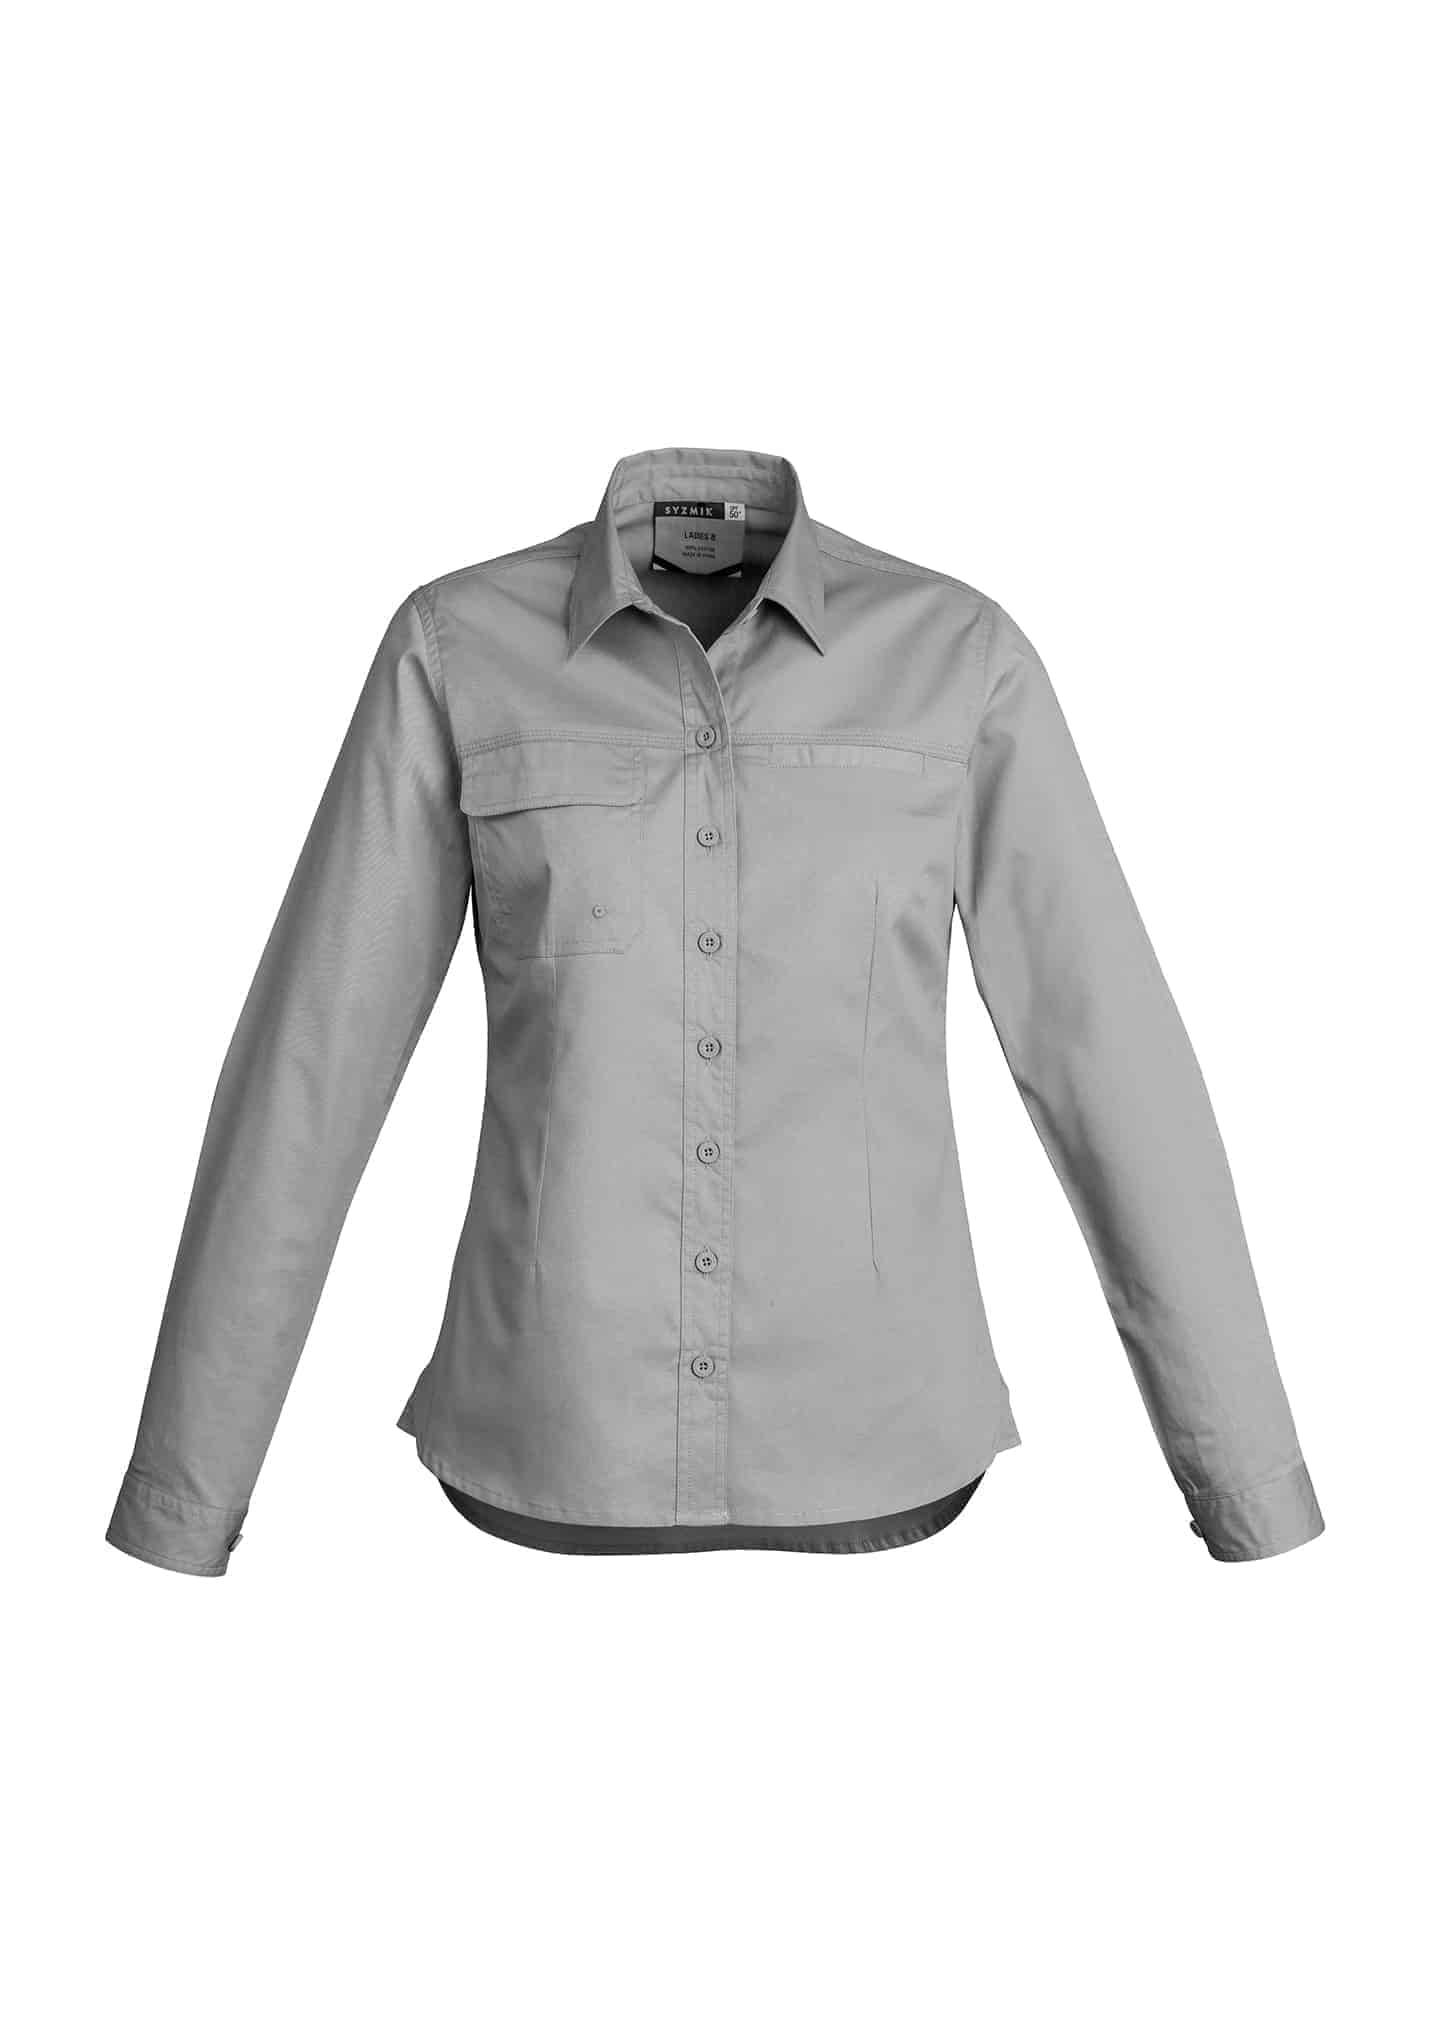 Womens Lightweight Tradie Shirt - Long Sleeve